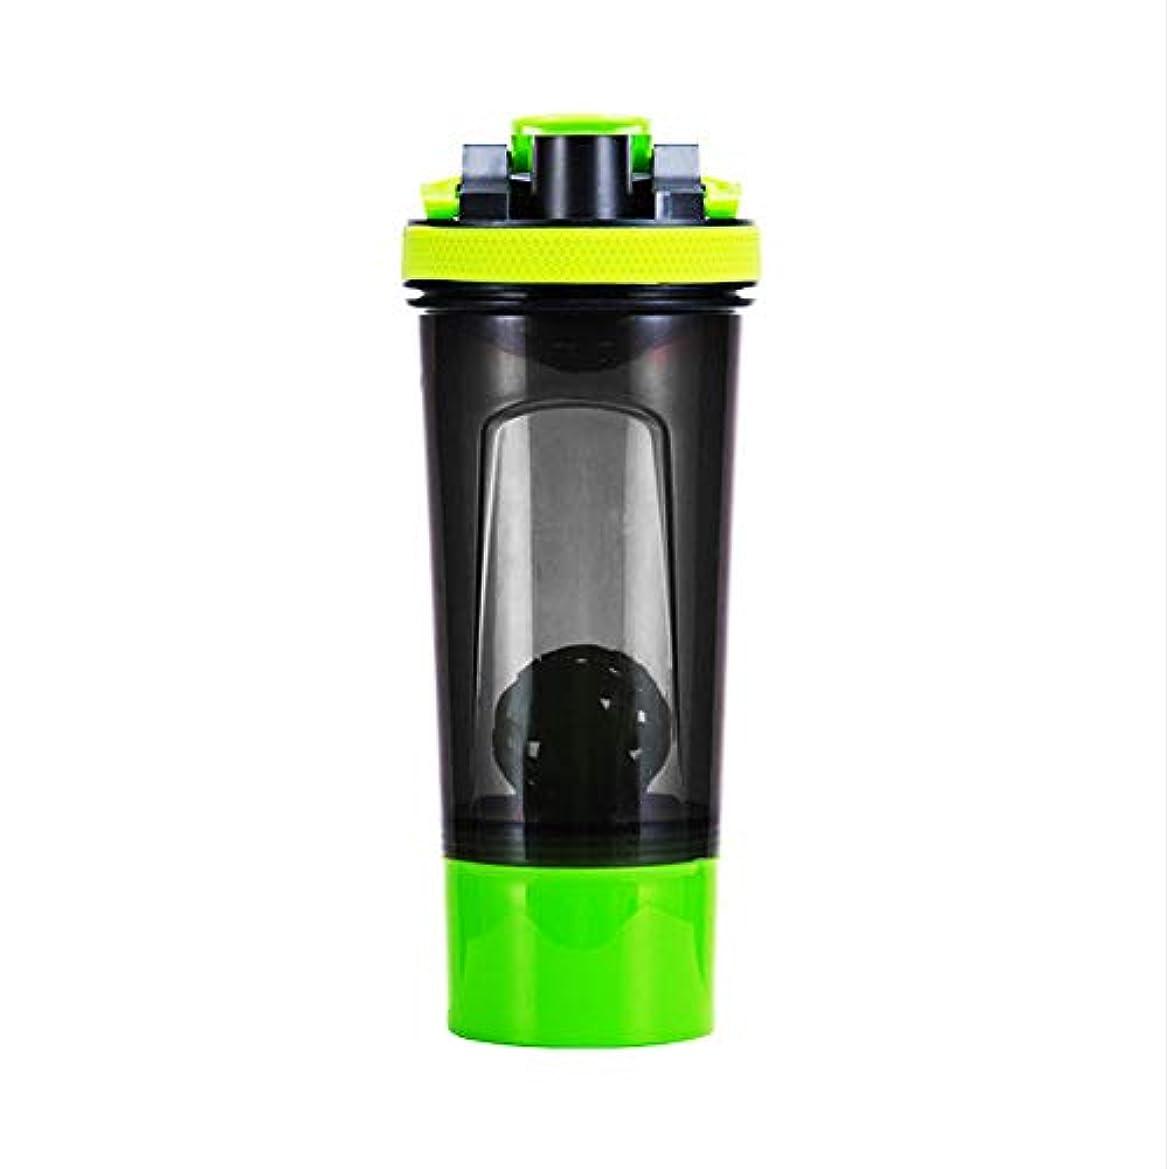 スキャンダル怒って進化Quner プロテインシェイカー ボトル 水筒 700ml シェーカーボトル スポーツボトル 目盛り 3層 プラスチック フィットネス ダイエット コンテナ付き サプリケース